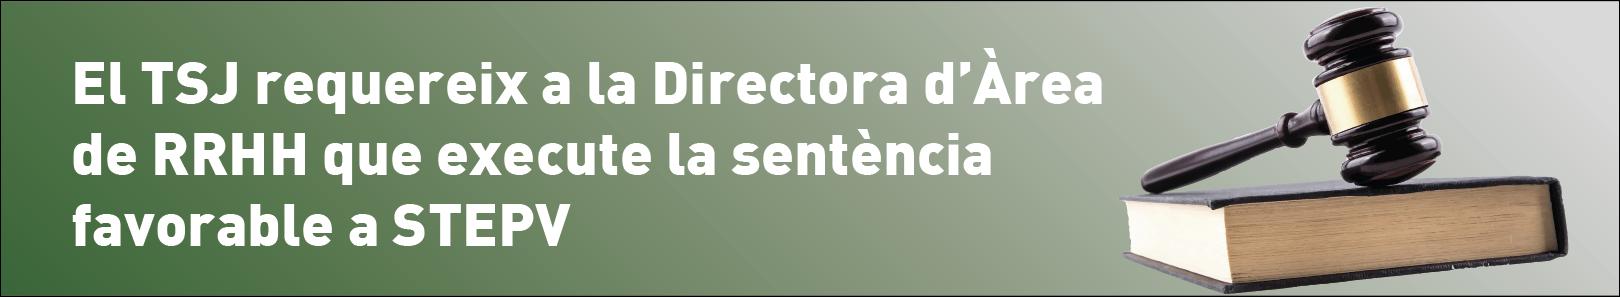 Banner_Execucio_sentencia